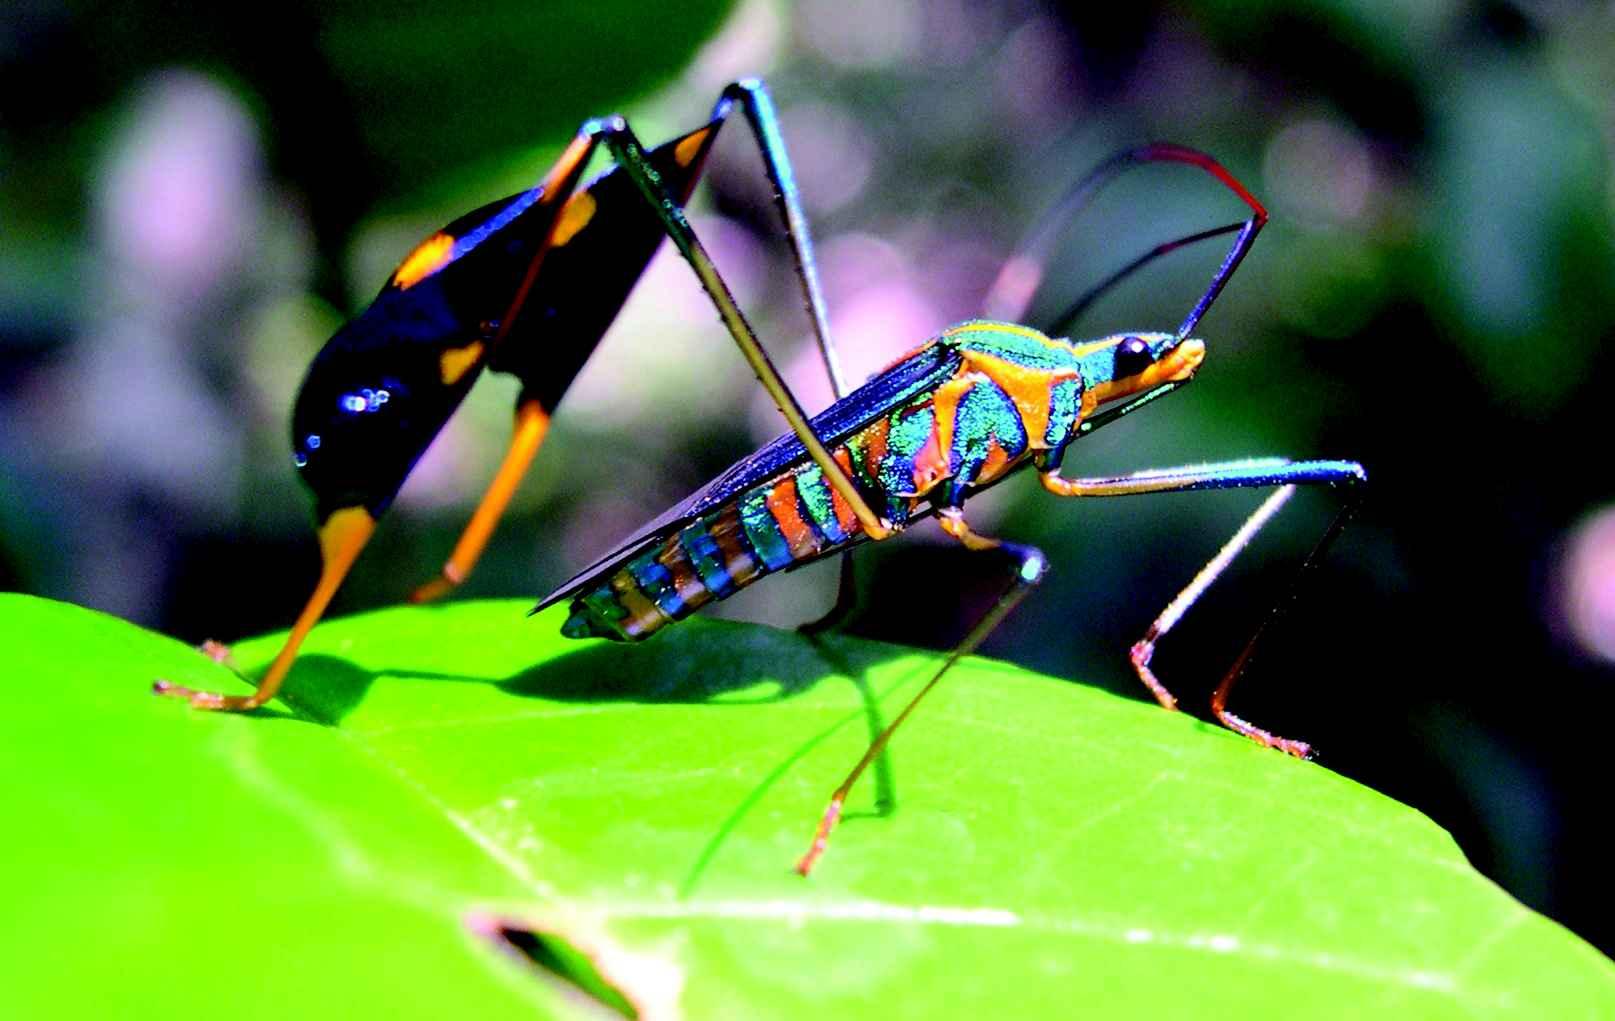 Inseto da ordem dos Hemiptera (que abrangem cigarrinhas e percevejos), na Serra do Cipó (MG)